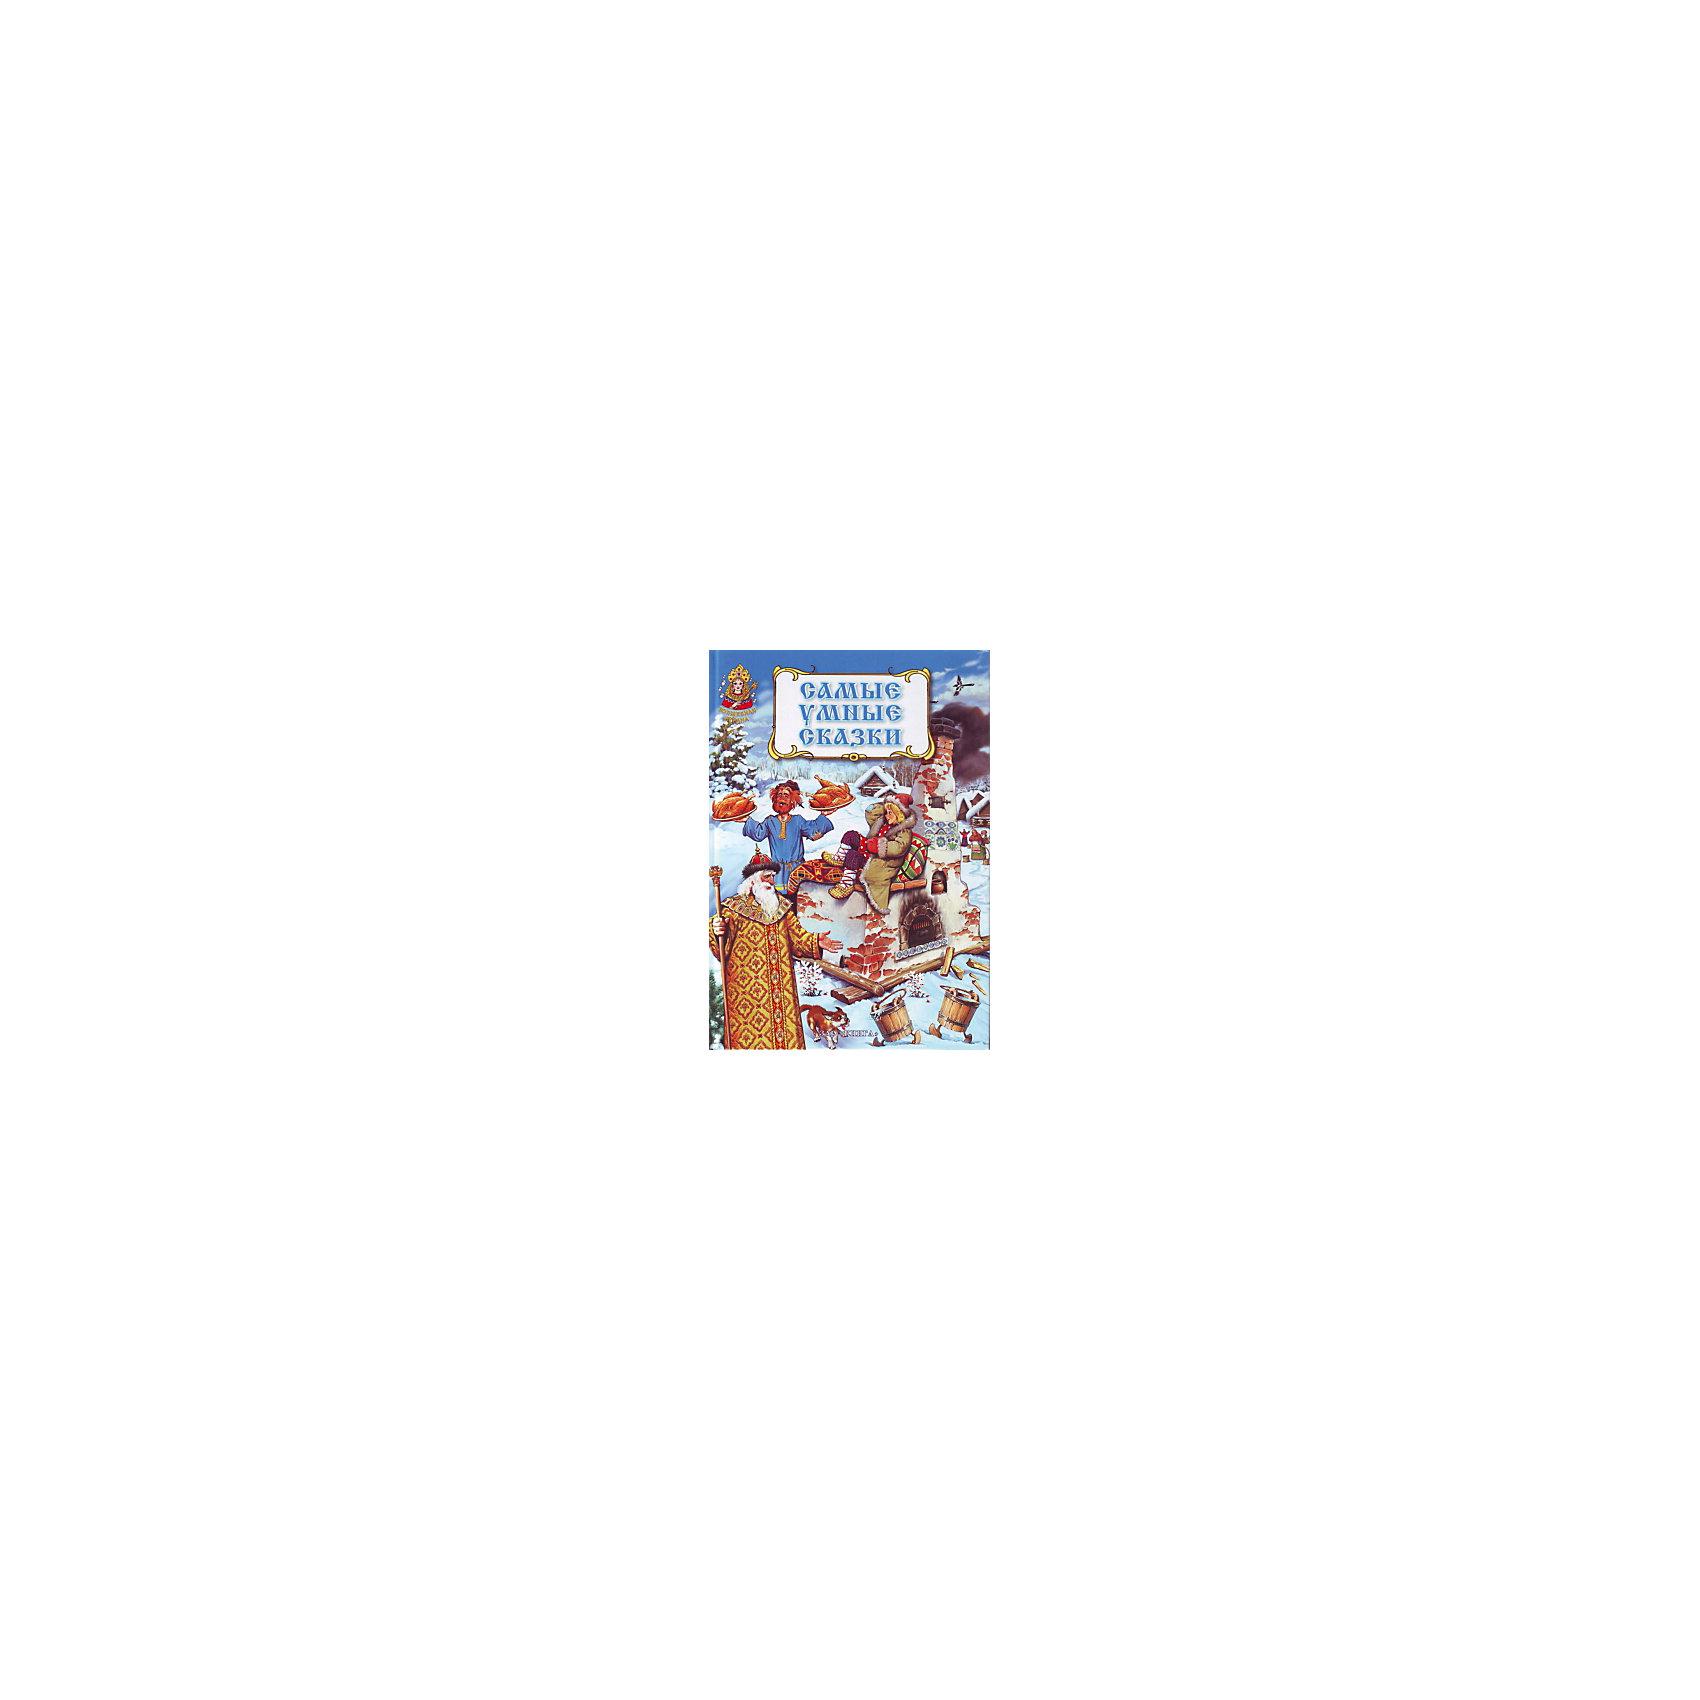 Самые умные сказки: серия сказок Волшебная странаСказки<br>Самые умные сказки. Серия сказок Волшебная страна.<br><br>Характеристики:<br><br>• Для детей в возрасте: от 3 лет<br>• Художник: Нечитайло Виктор Владимирович<br>• Издательство: ЗАО Книга<br>• Серия: Волшебная страна<br>• Тип обложки: 7Бц - твердая, целлофанированная (или лакированная)<br>• Иллюстрации: цветные<br>• Количество страниц: 128 (офсет)<br>• Размер: 247х174х12 мм.<br>• Вес: 368 гр.<br>• ISBN: 9785872594109<br><br>Красочно иллюстрированная книга русских народных сказок займёт достойное место в домашней библиотеке. В книгу вошли русские народные сказки в обработке известных авторов. Интересный сюжет сказок захватит внимание вашего малыша. Выразительные и яркие иллюстрации помогут ребенку лучше воспринимать текст. Для дошкольного и младшего школьного возраста.<br><br>Красочно иллюстрированная книга русских народных сказок.<br>- Дочь-семилетка<br>- По щучьему веленью<br>- Умный работник<br>- Иванушко-дурачок<br>- Вещий сон<br>- Мена<br>- Как мужик гусей делил<br>- Дурак и береза<br>- Мудрые ответы<br>- Мальчик-с-пальчик<br><br><br>Книгу Самые умные сказки. Серия сказок Волшебная страна можно купить в нашем интернет-магазине.<br><br>Ширина мм: 245<br>Глубина мм: 170<br>Высота мм: 100<br>Вес г: 500<br>Возраст от месяцев: 36<br>Возраст до месяцев: 2147483647<br>Пол: Унисекс<br>Возраст: Детский<br>SKU: 5521188